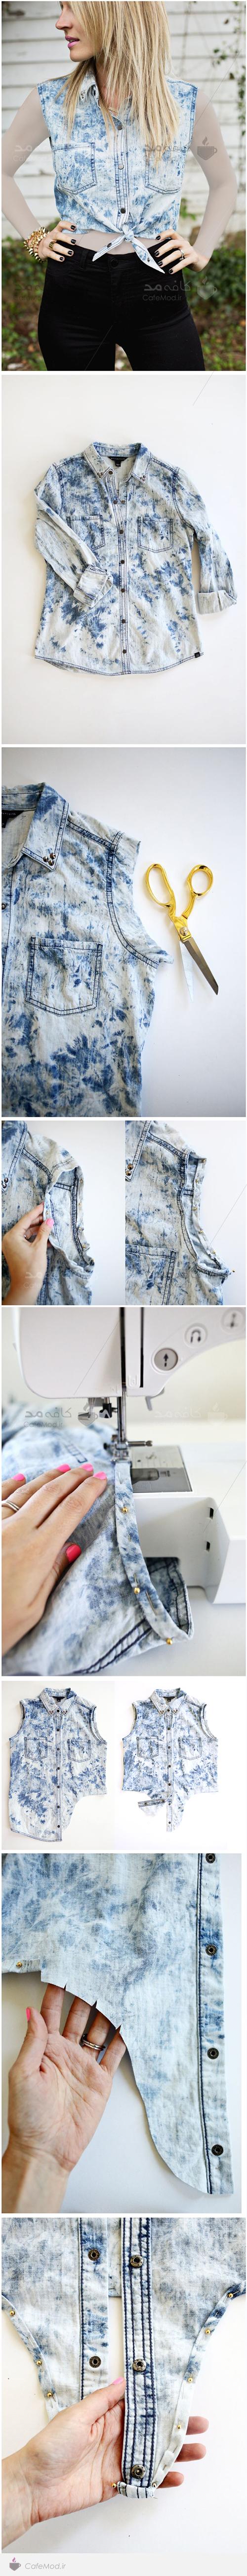 تبدیل پیراهن جین به تاپ گره ای